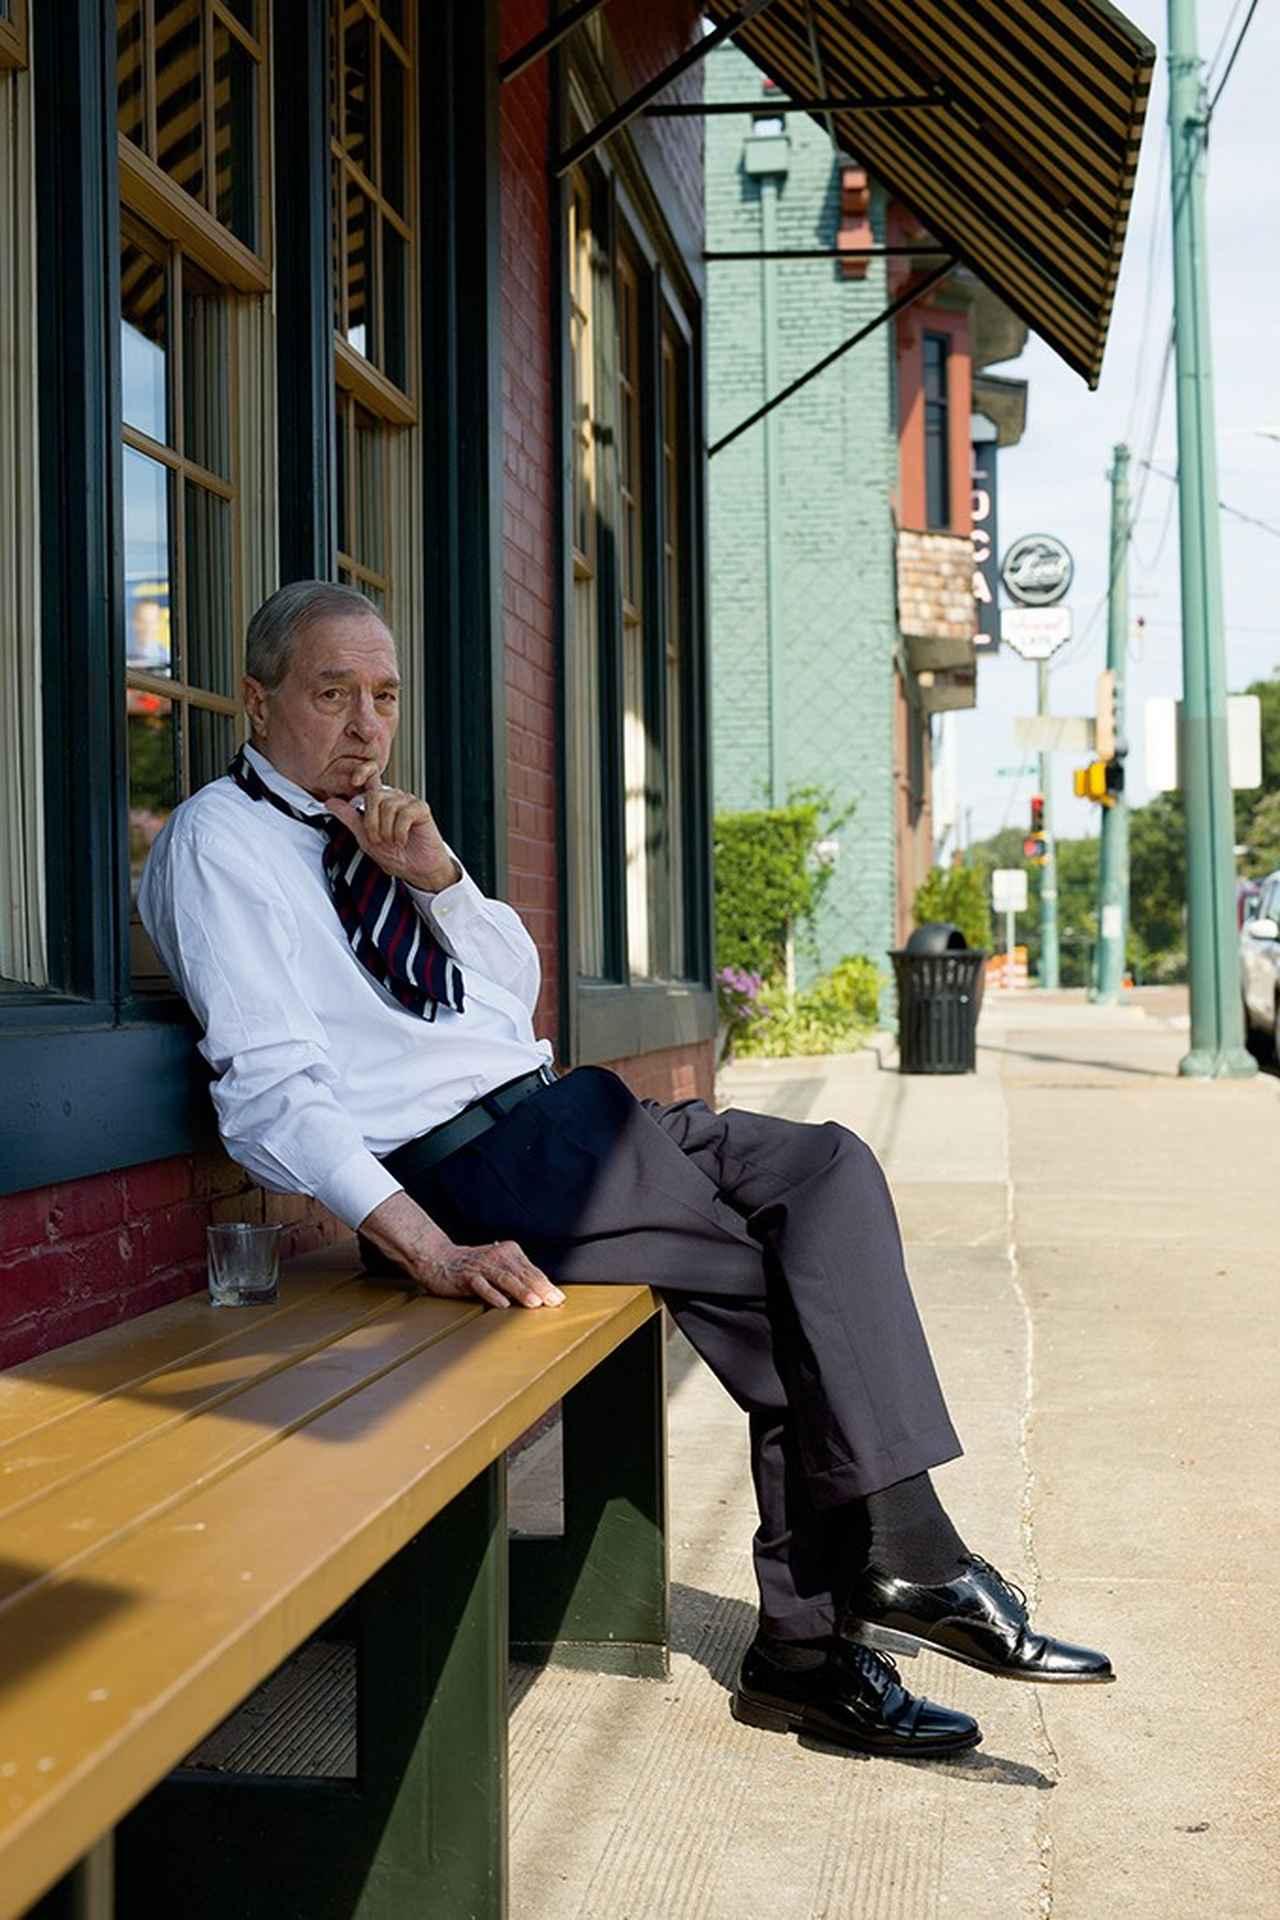 Images : 1番目の画像 - 「ウィリアム・エグルストンを訪ねて」のアルバム - T JAPAN:The New York Times Style Magazine 公式サイト